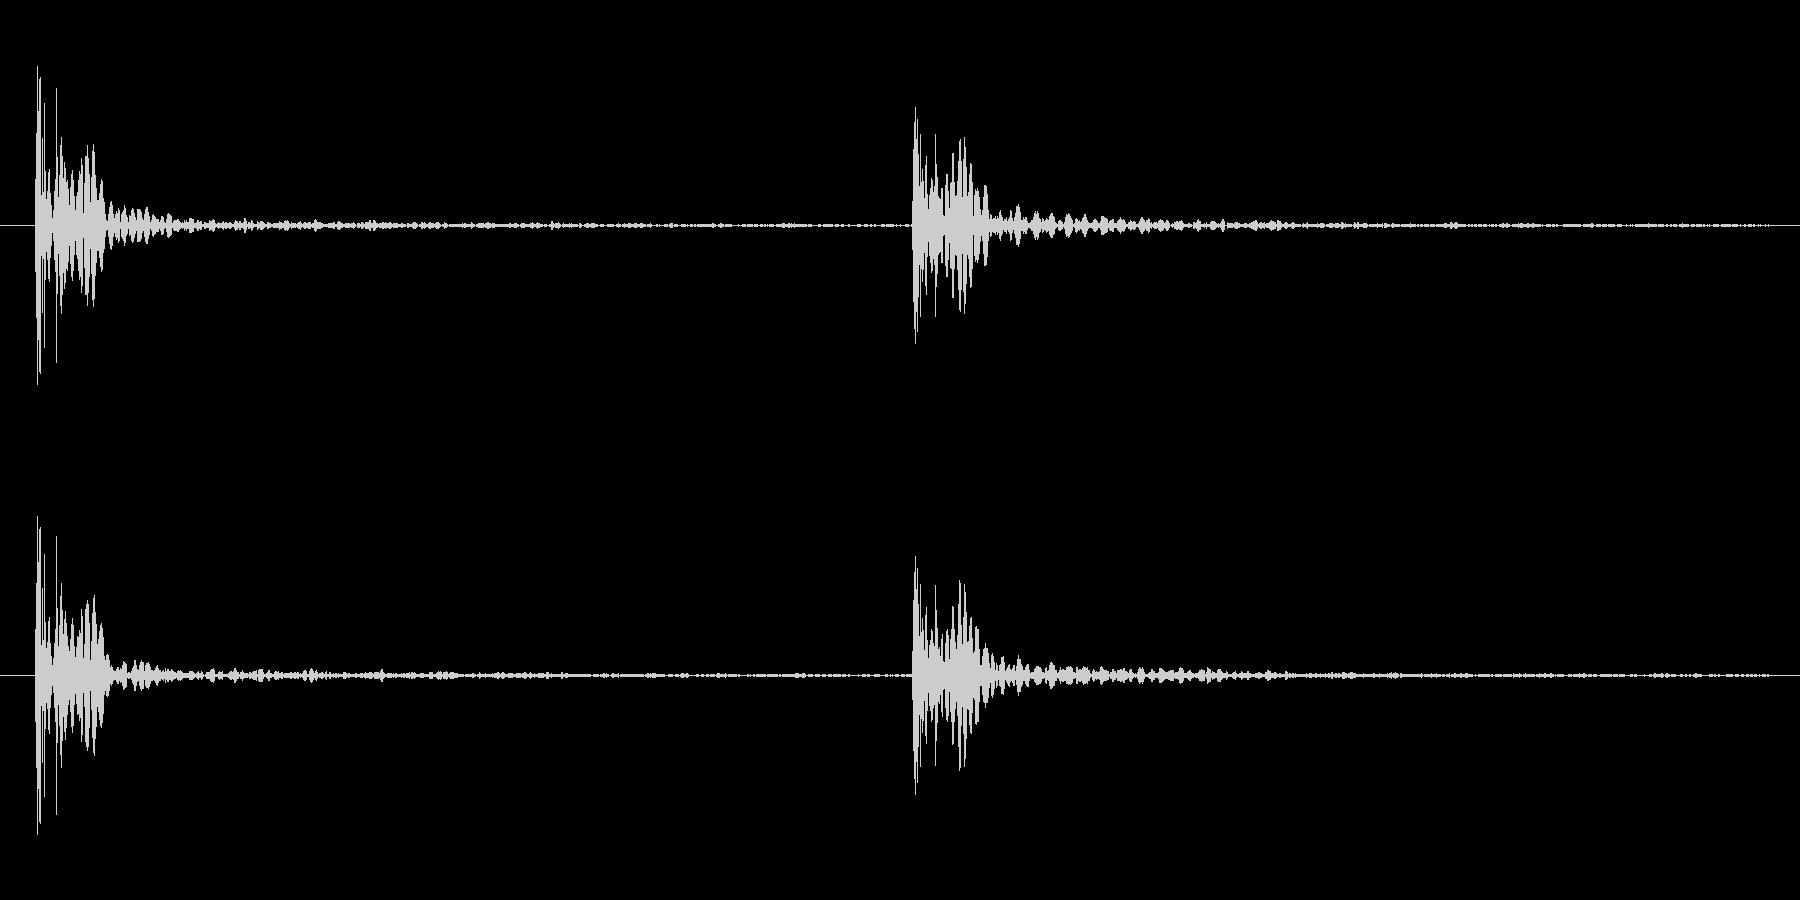 足音の効果音 パターンB 重量感ある足音の未再生の波形